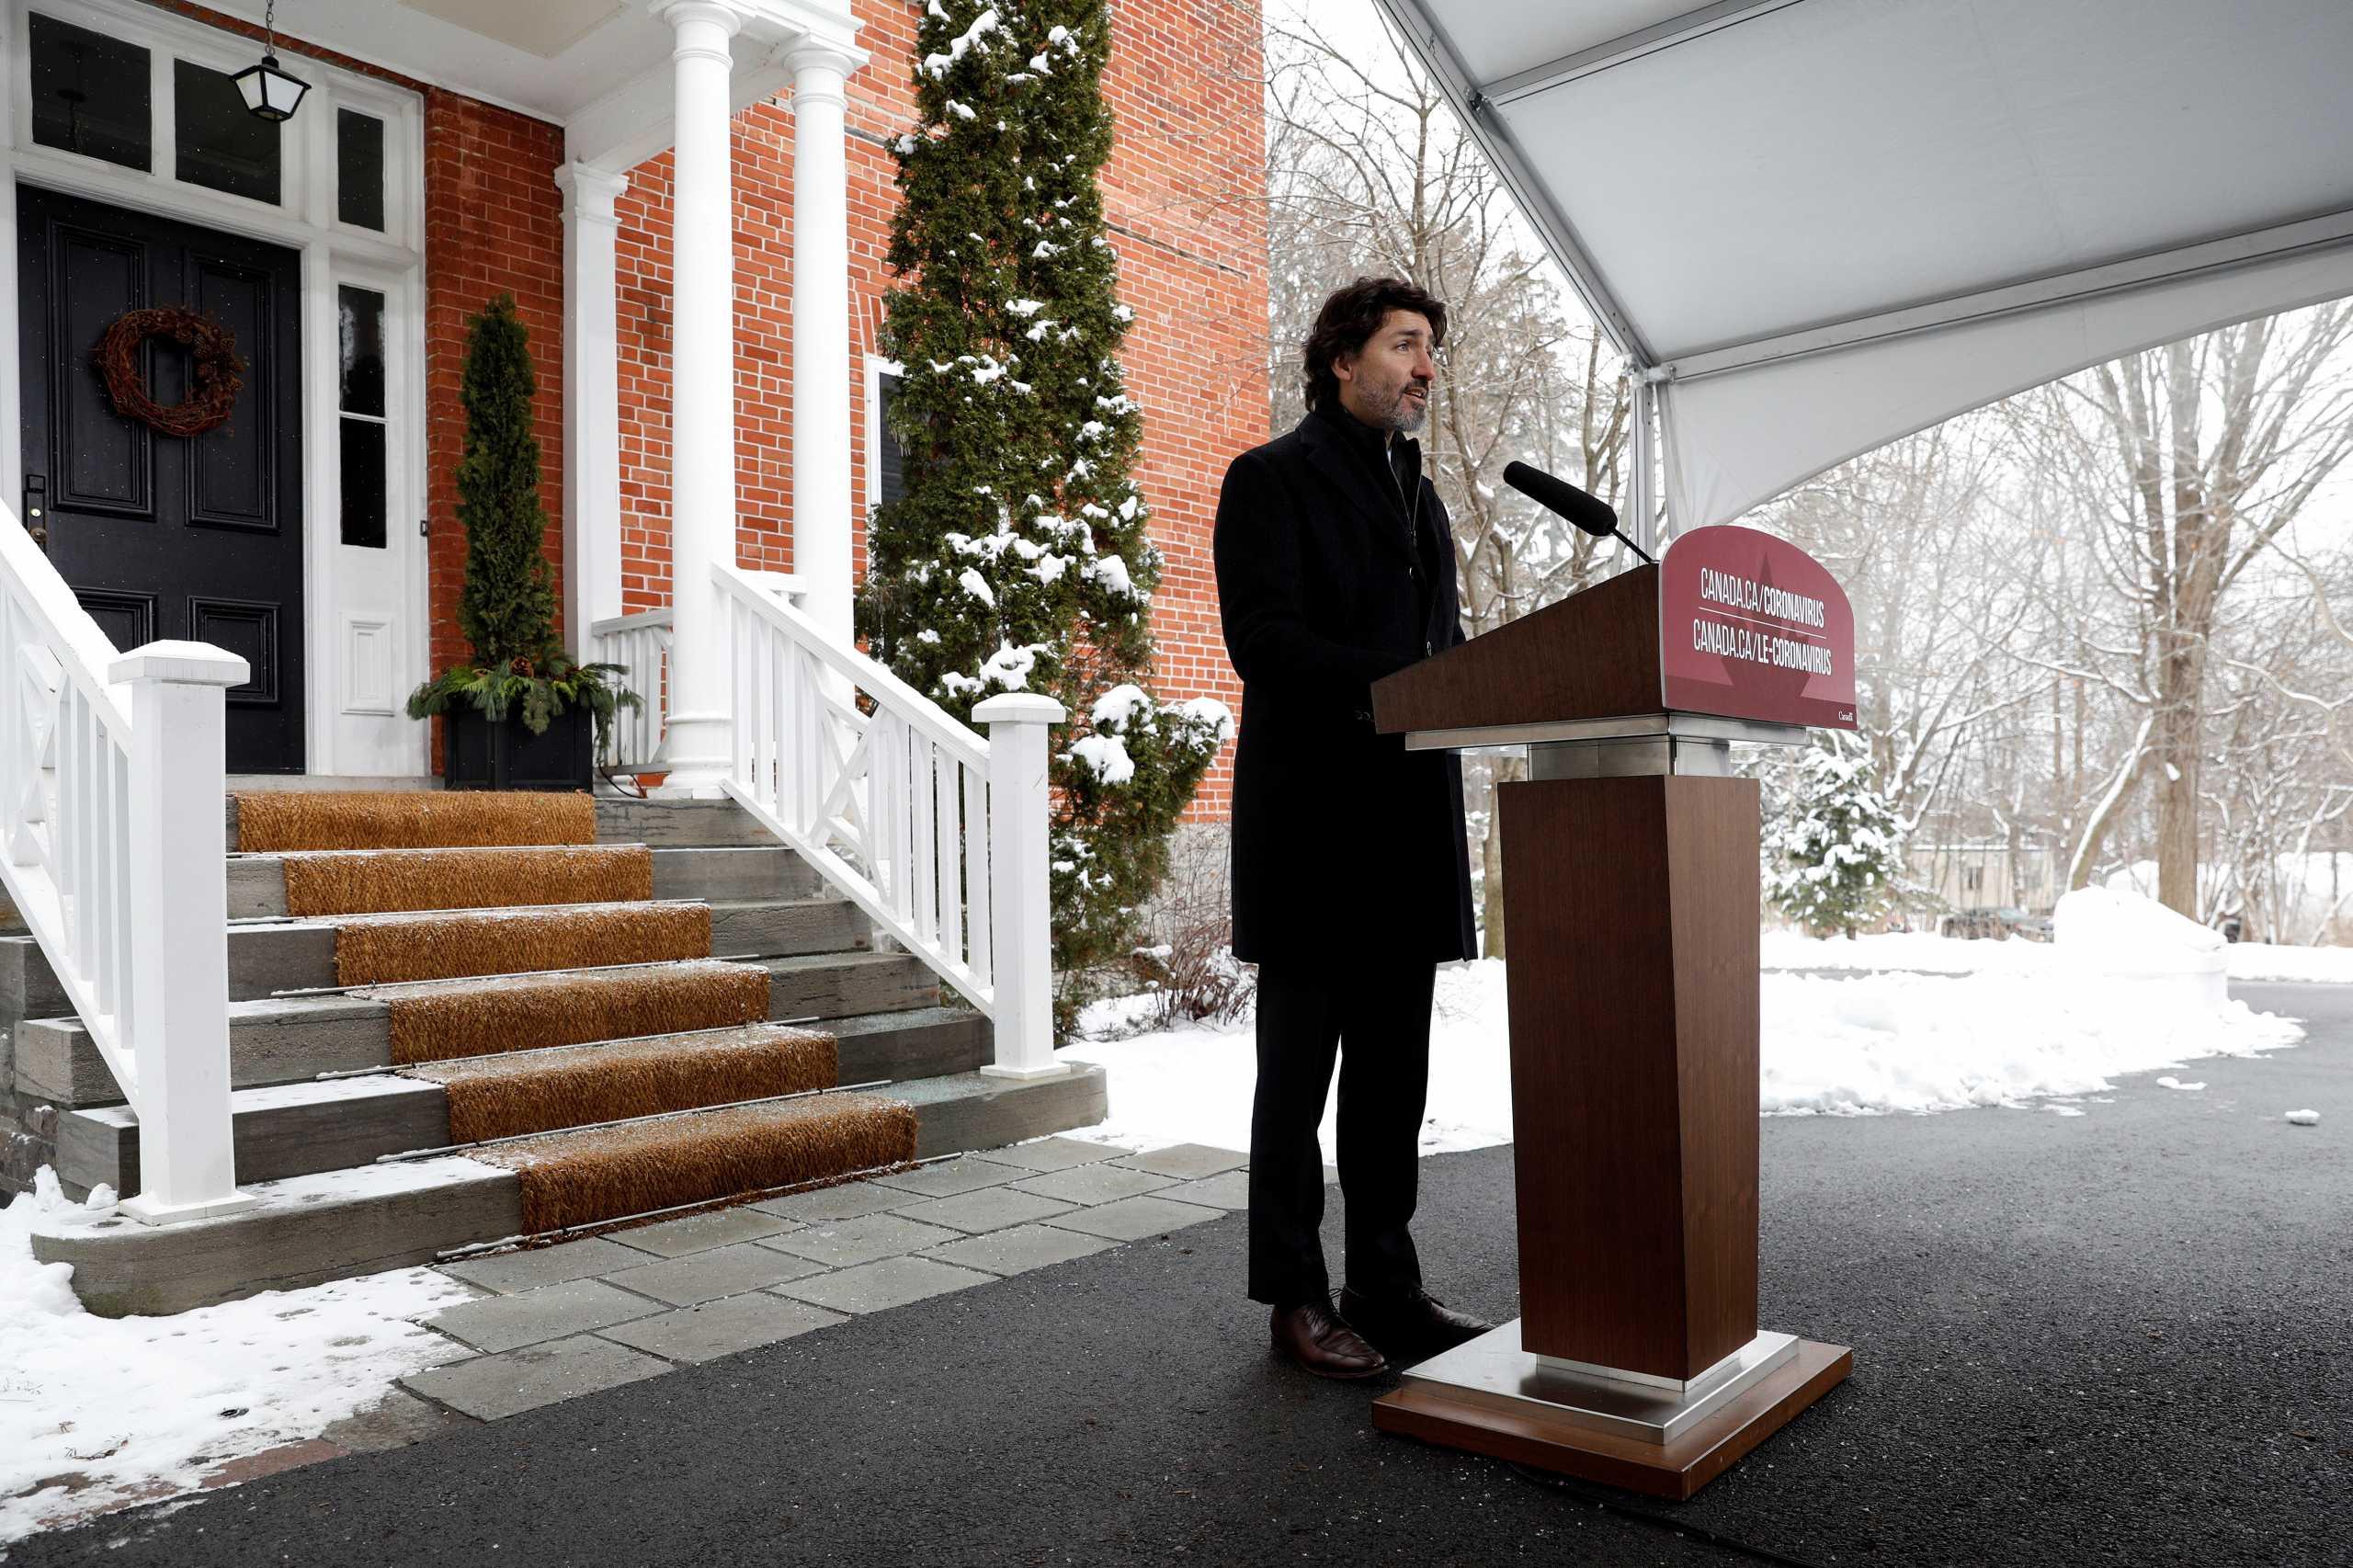 Πρωθυπουργός Καναδά: Το 2021 μπορεί να είναι χρονιά εκλογών